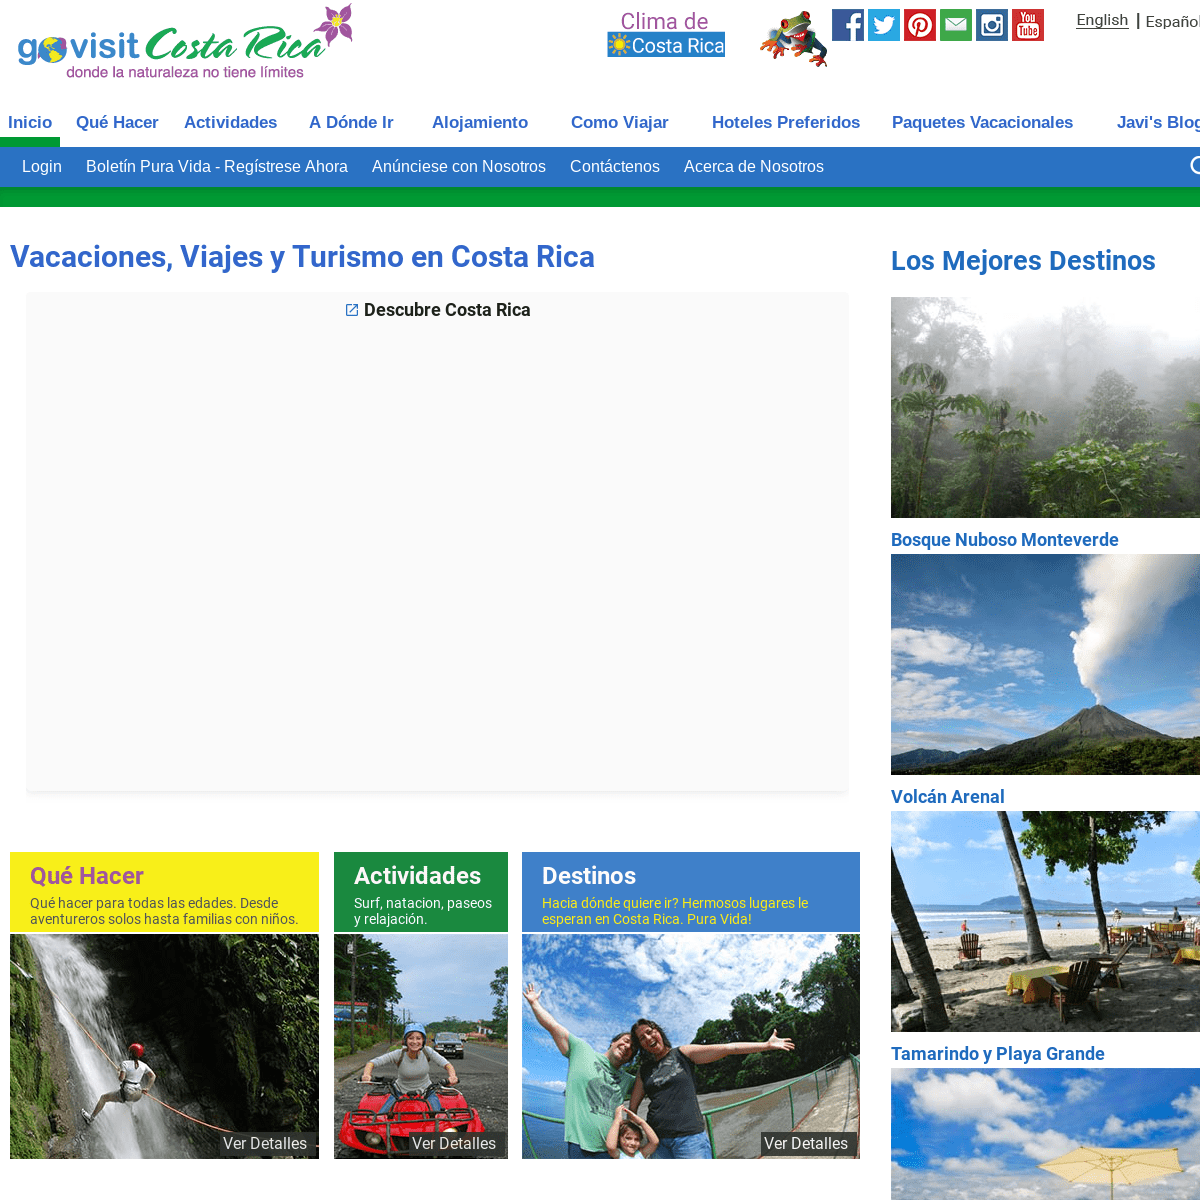 ArchiveBay.com - govisitcostarica.co.cr - Vacaciones, Viajes y Turismo en Costa Rica - Go Visit Costa Rica